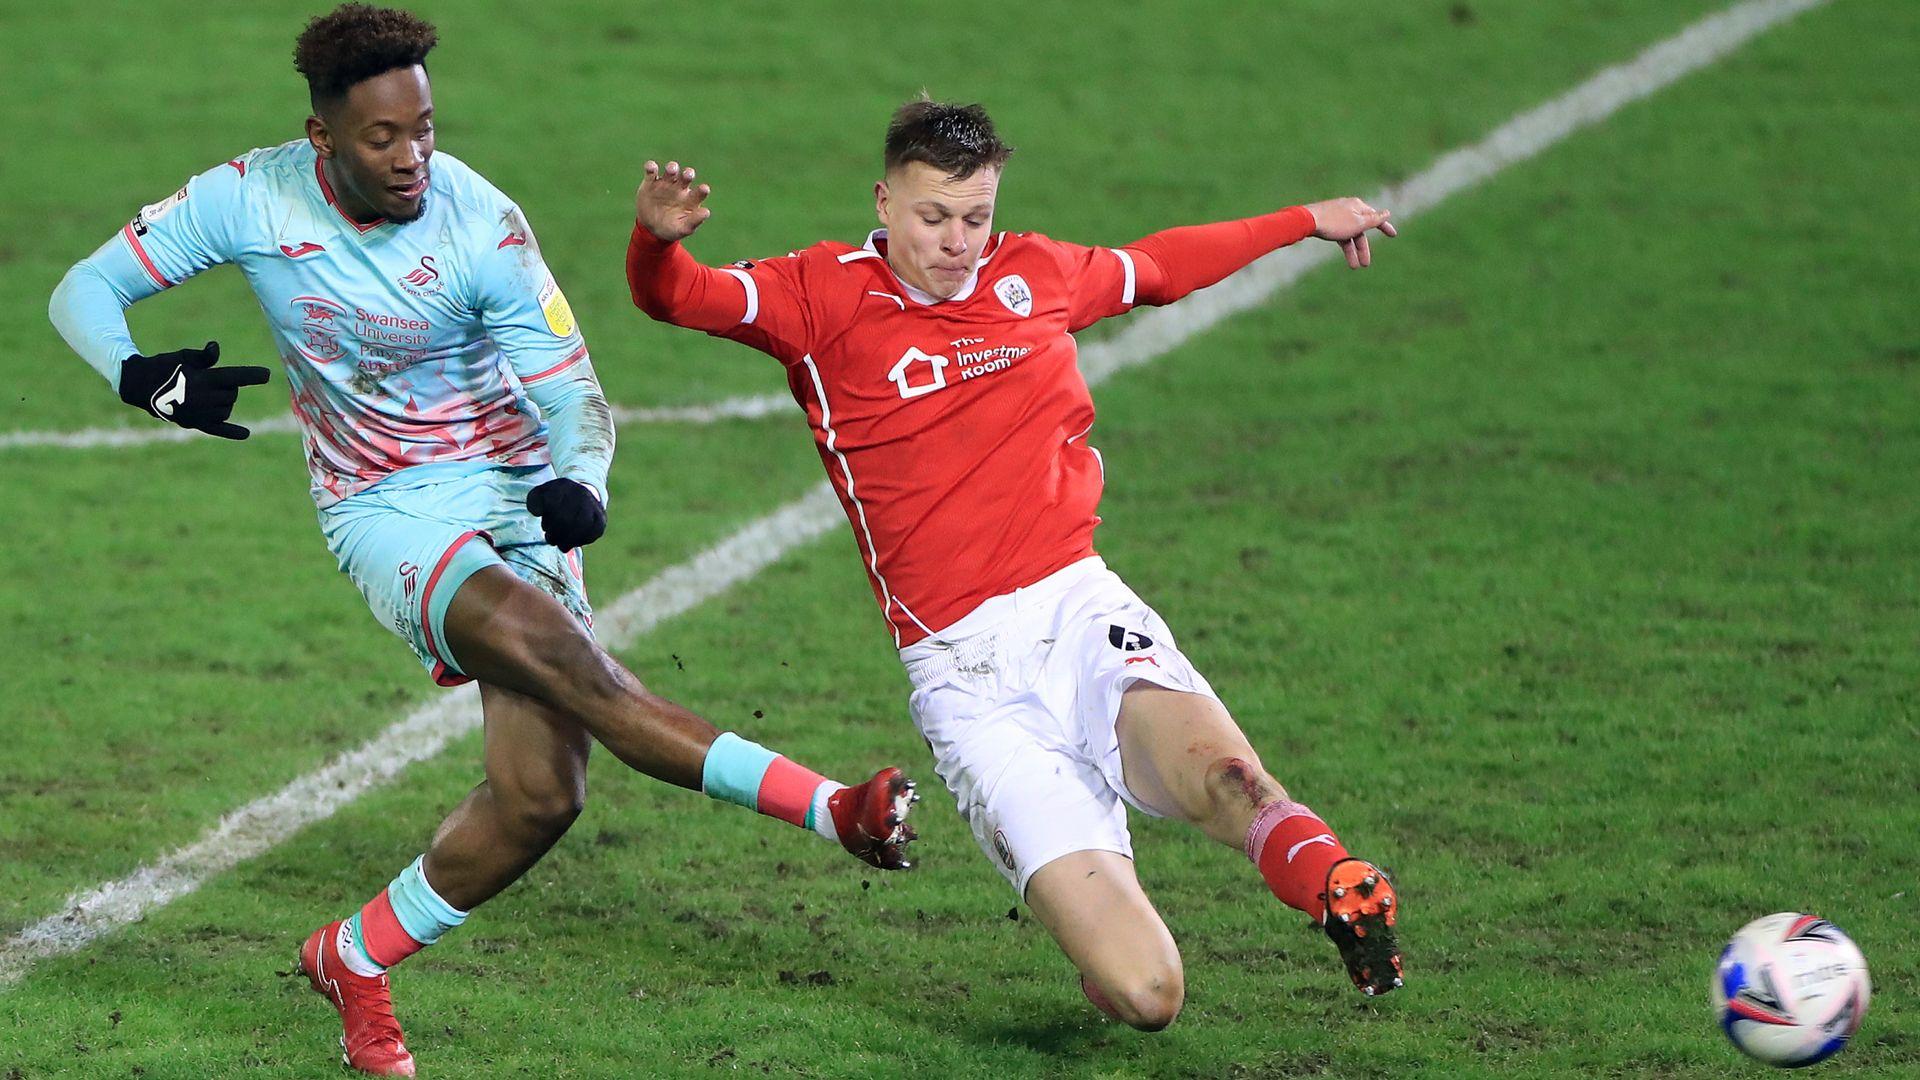 Swansea battle to edge Barnsley